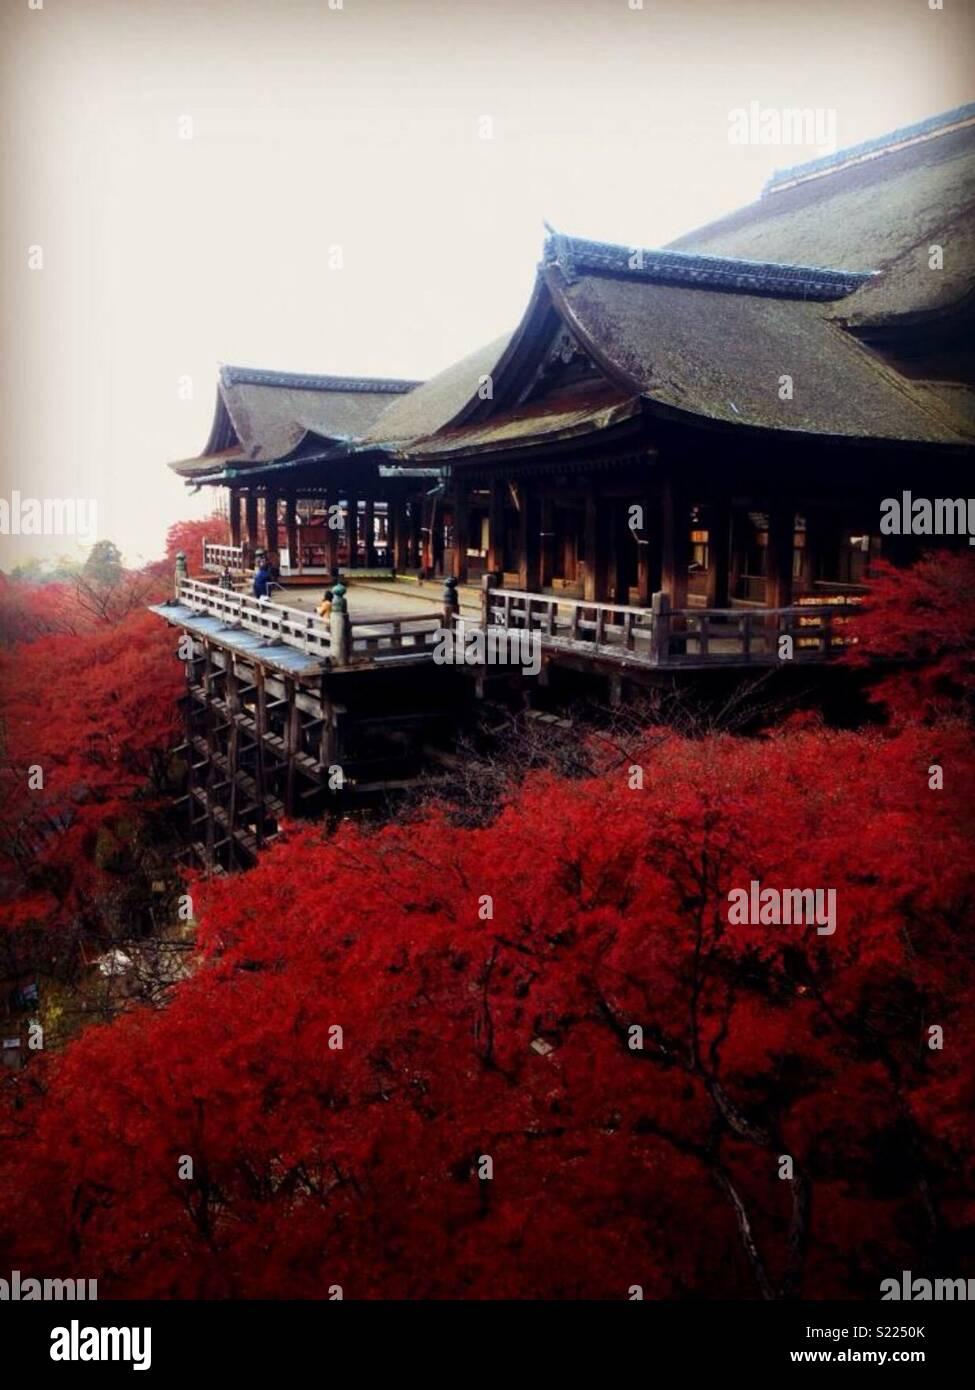 El templo de Kiyomizu, Kyoto, Japón Imagen De Stock